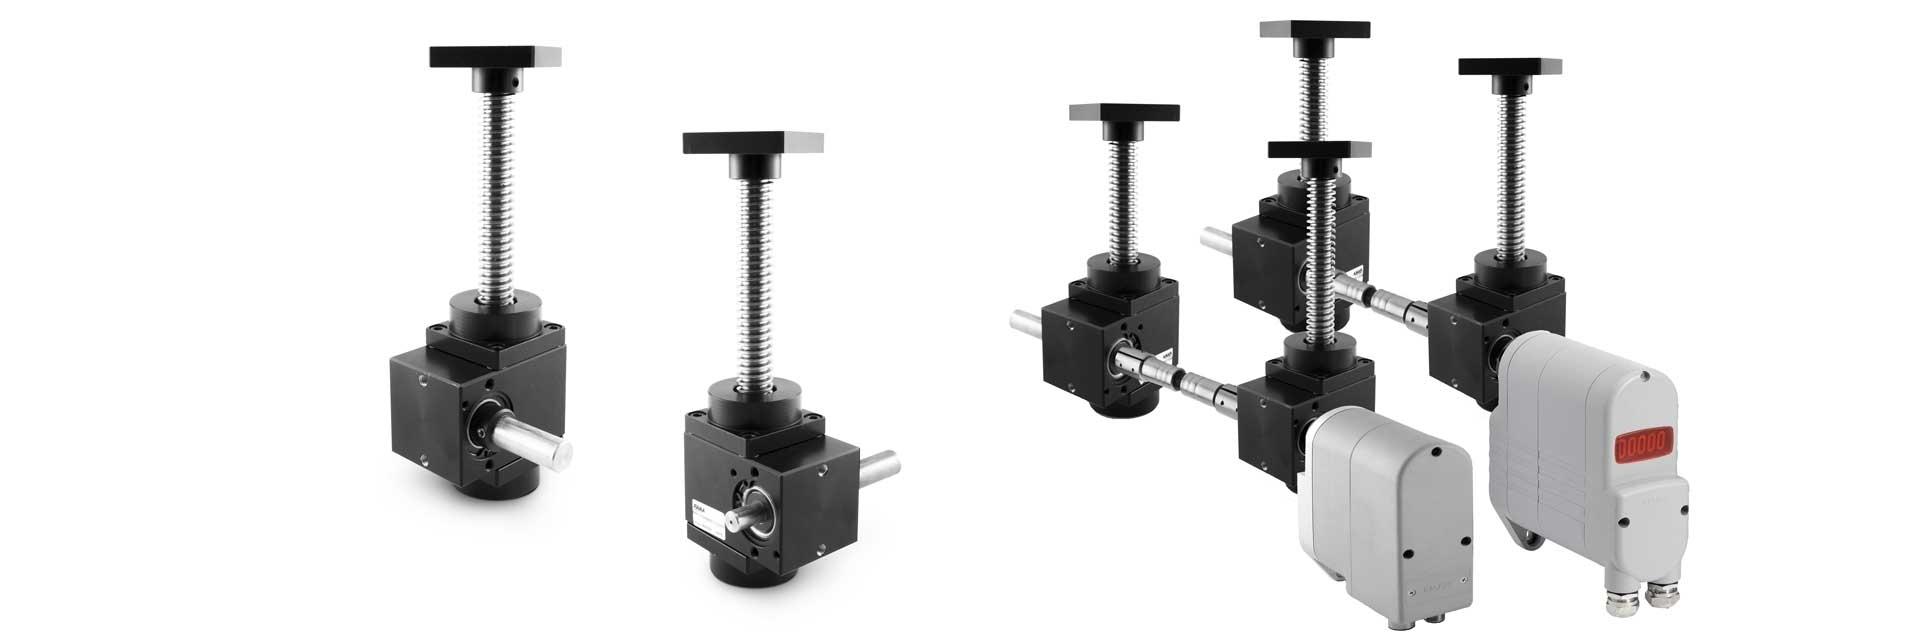 Worm Gear Screw Jack MAR50 | Angular Gearbox | Mechanics